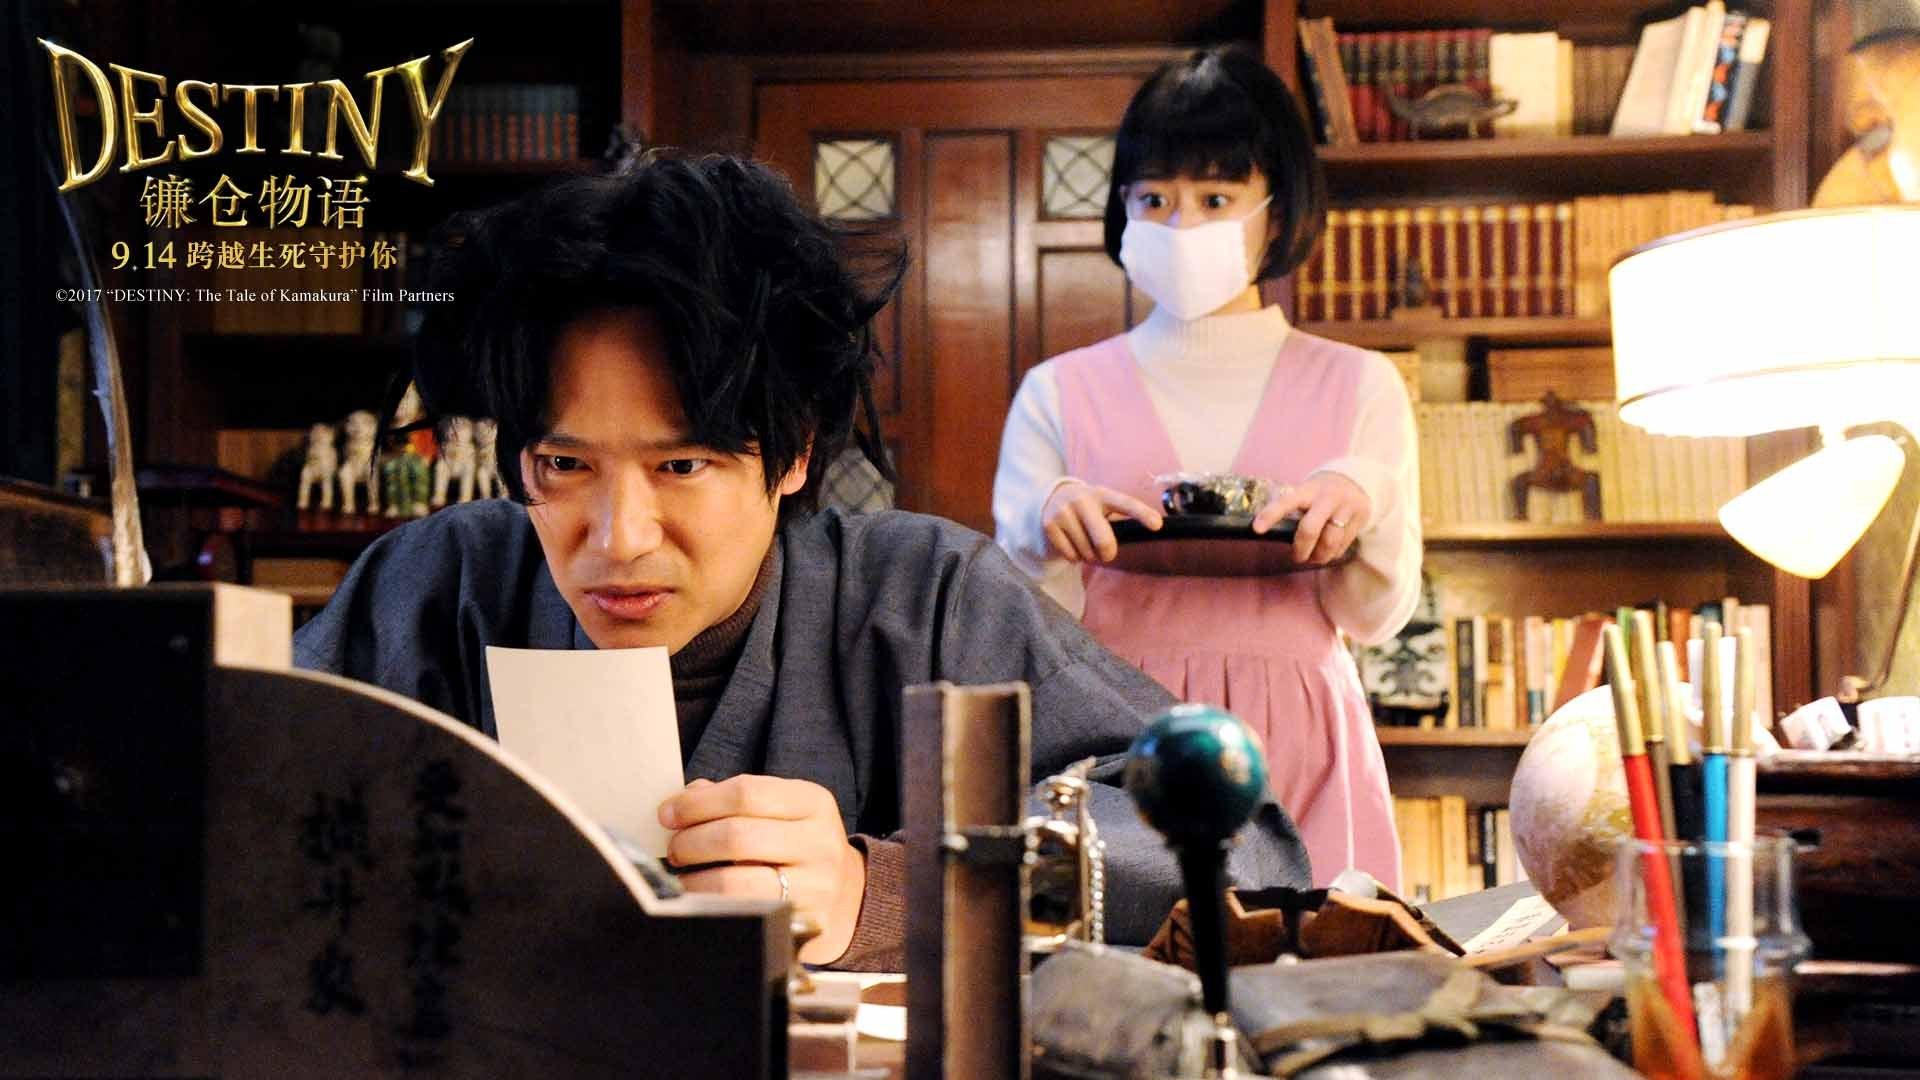 电影《镰仓物语》今日上映  堺雅人跨越生死带来暖心治